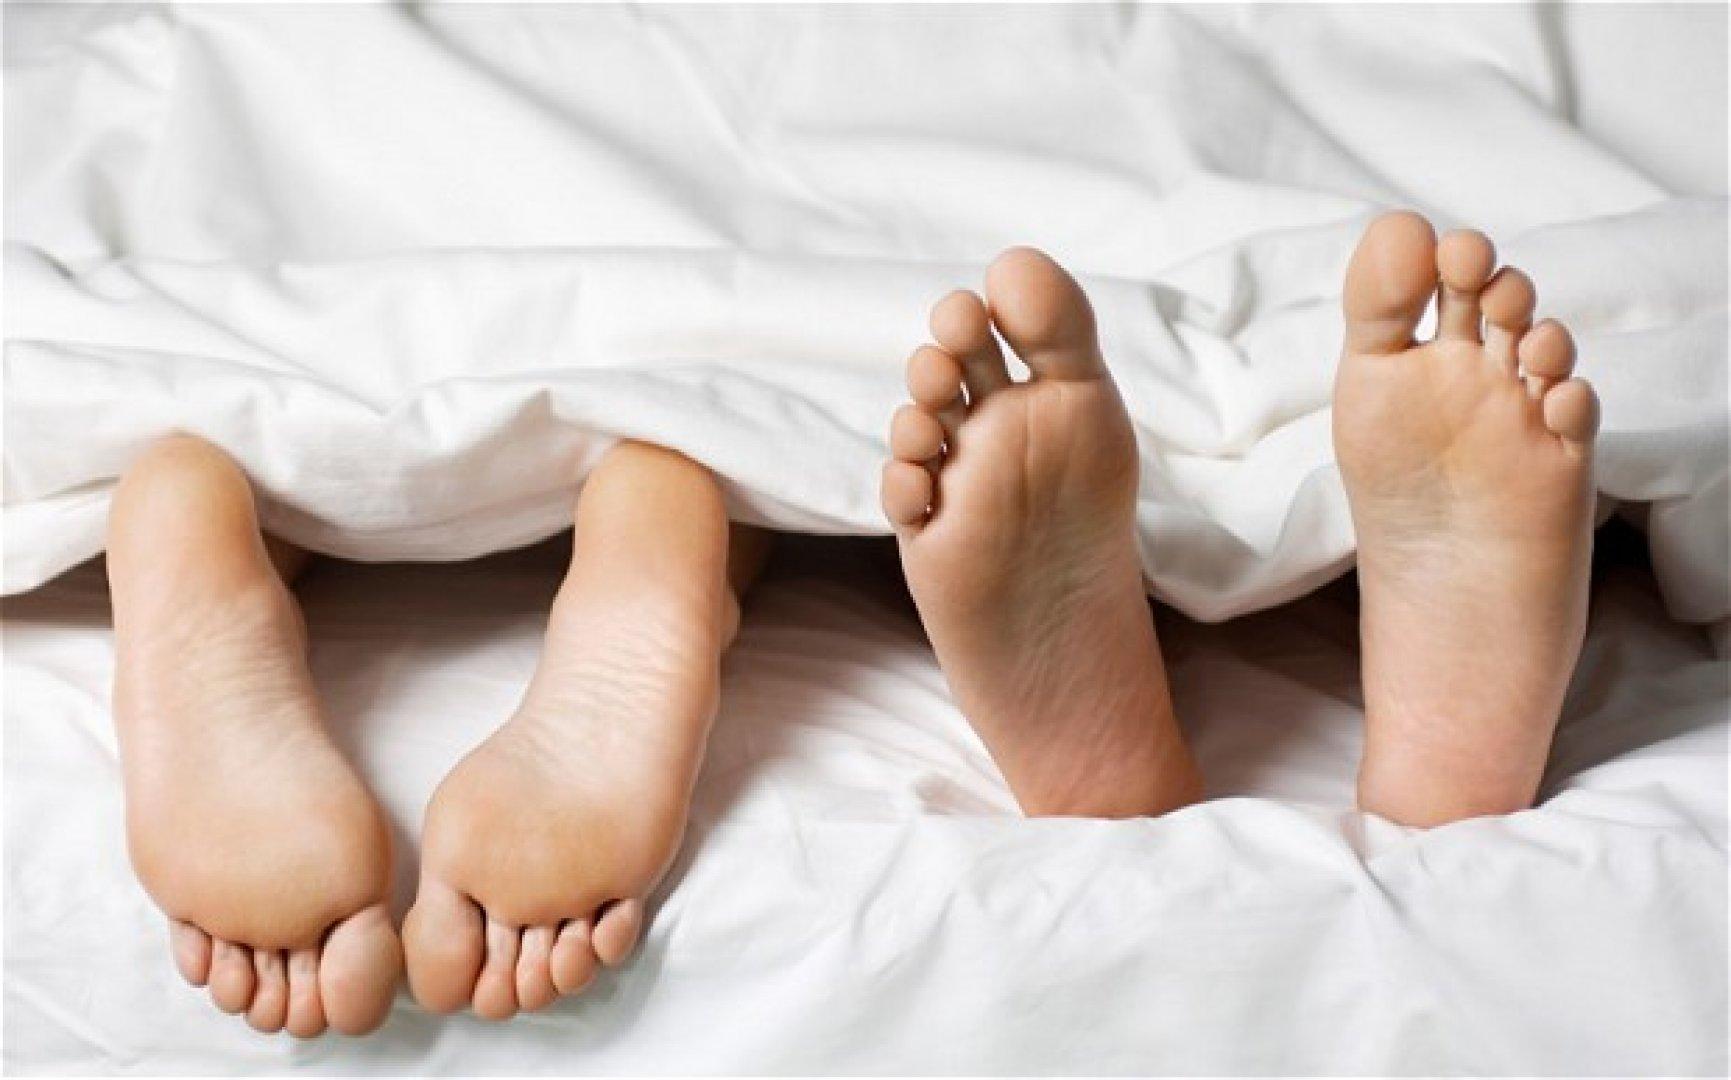 Любимая в сексе охладела